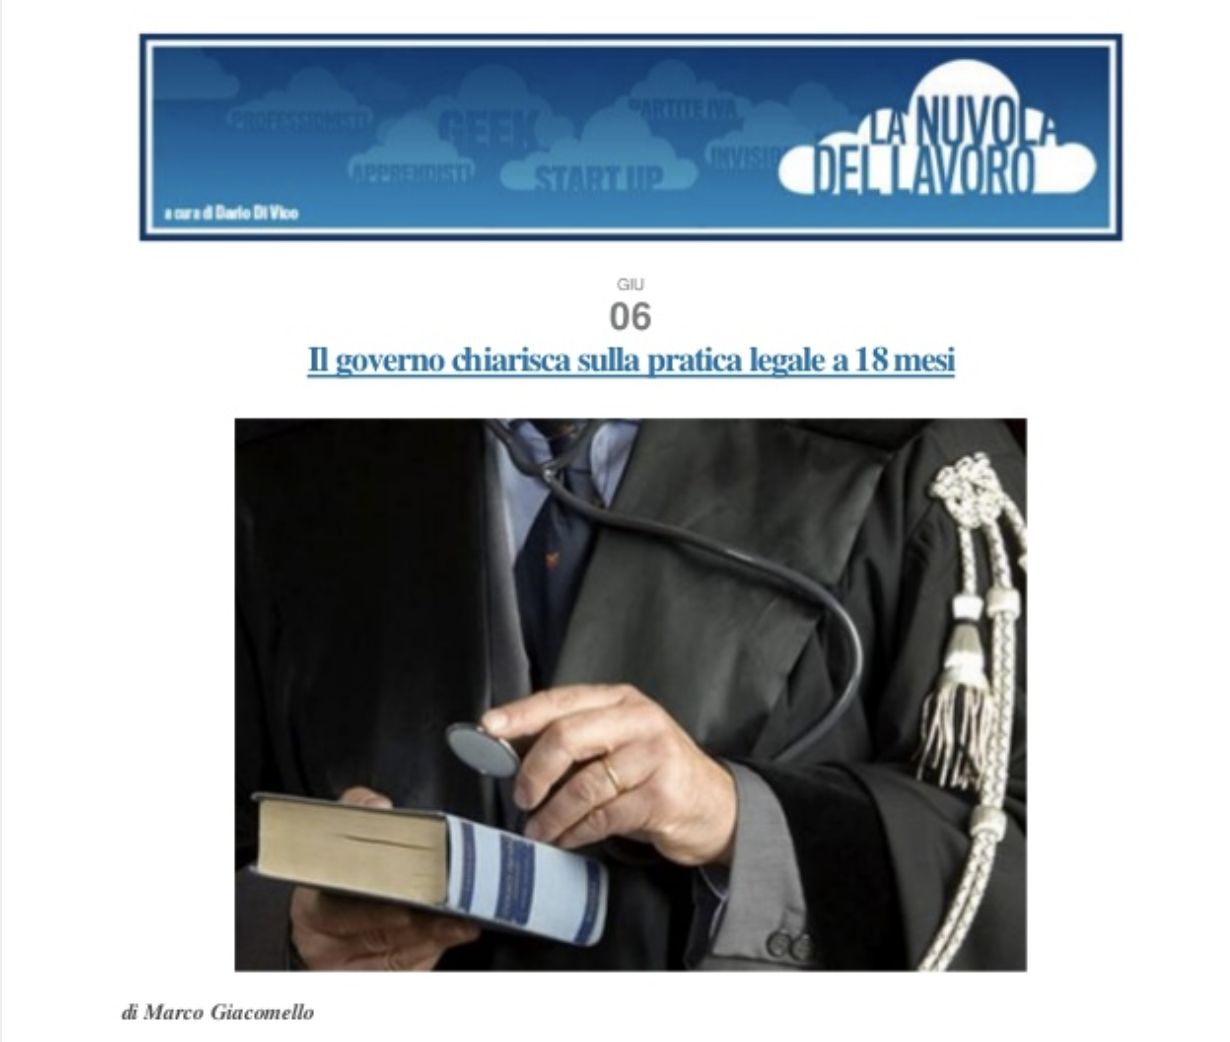 Il Governo chiarisca sulla pratica legale a 18 mesi – La Nuvola del Lavoro, Corriere della Sera (Giugno 2012)